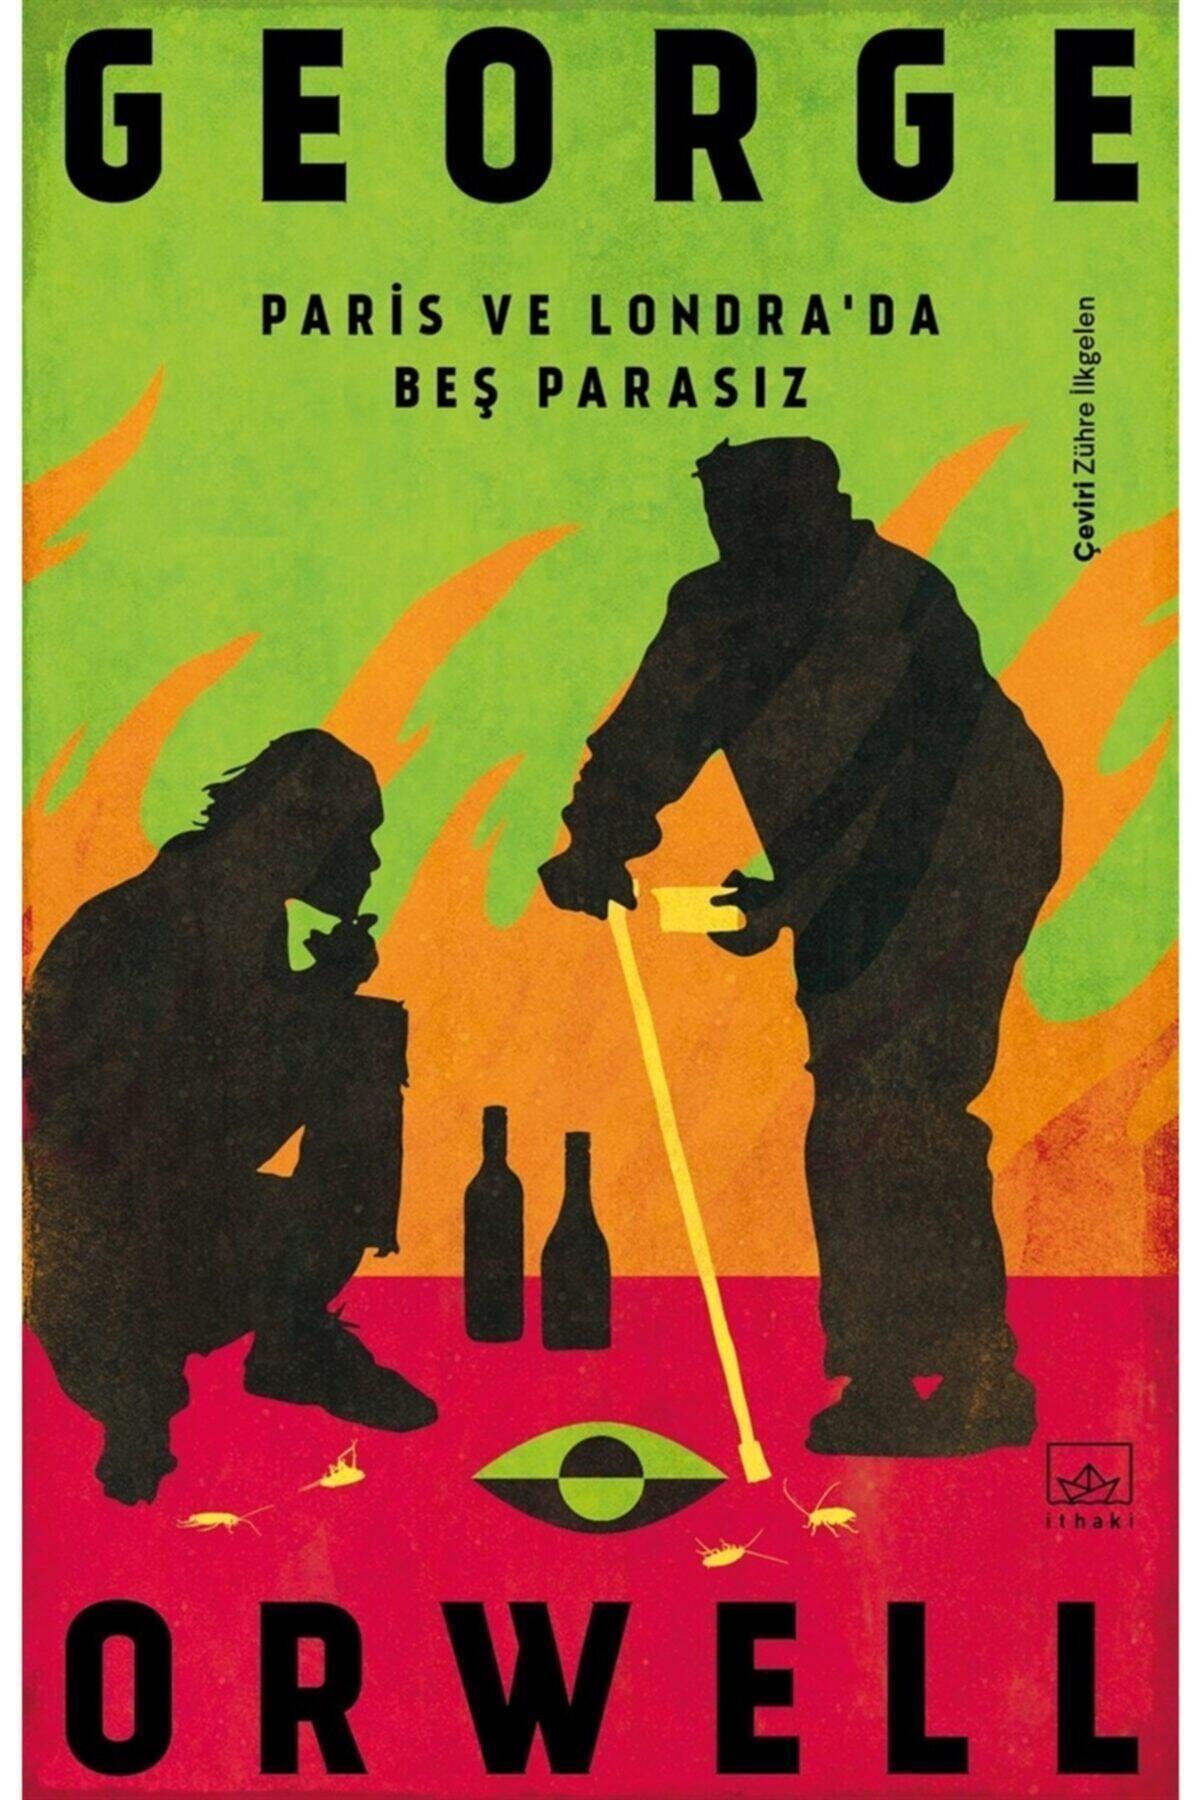 İthaki Yayınları Paris Ve Londra'da Beş Parasız - George Orwell 9786257737708 1